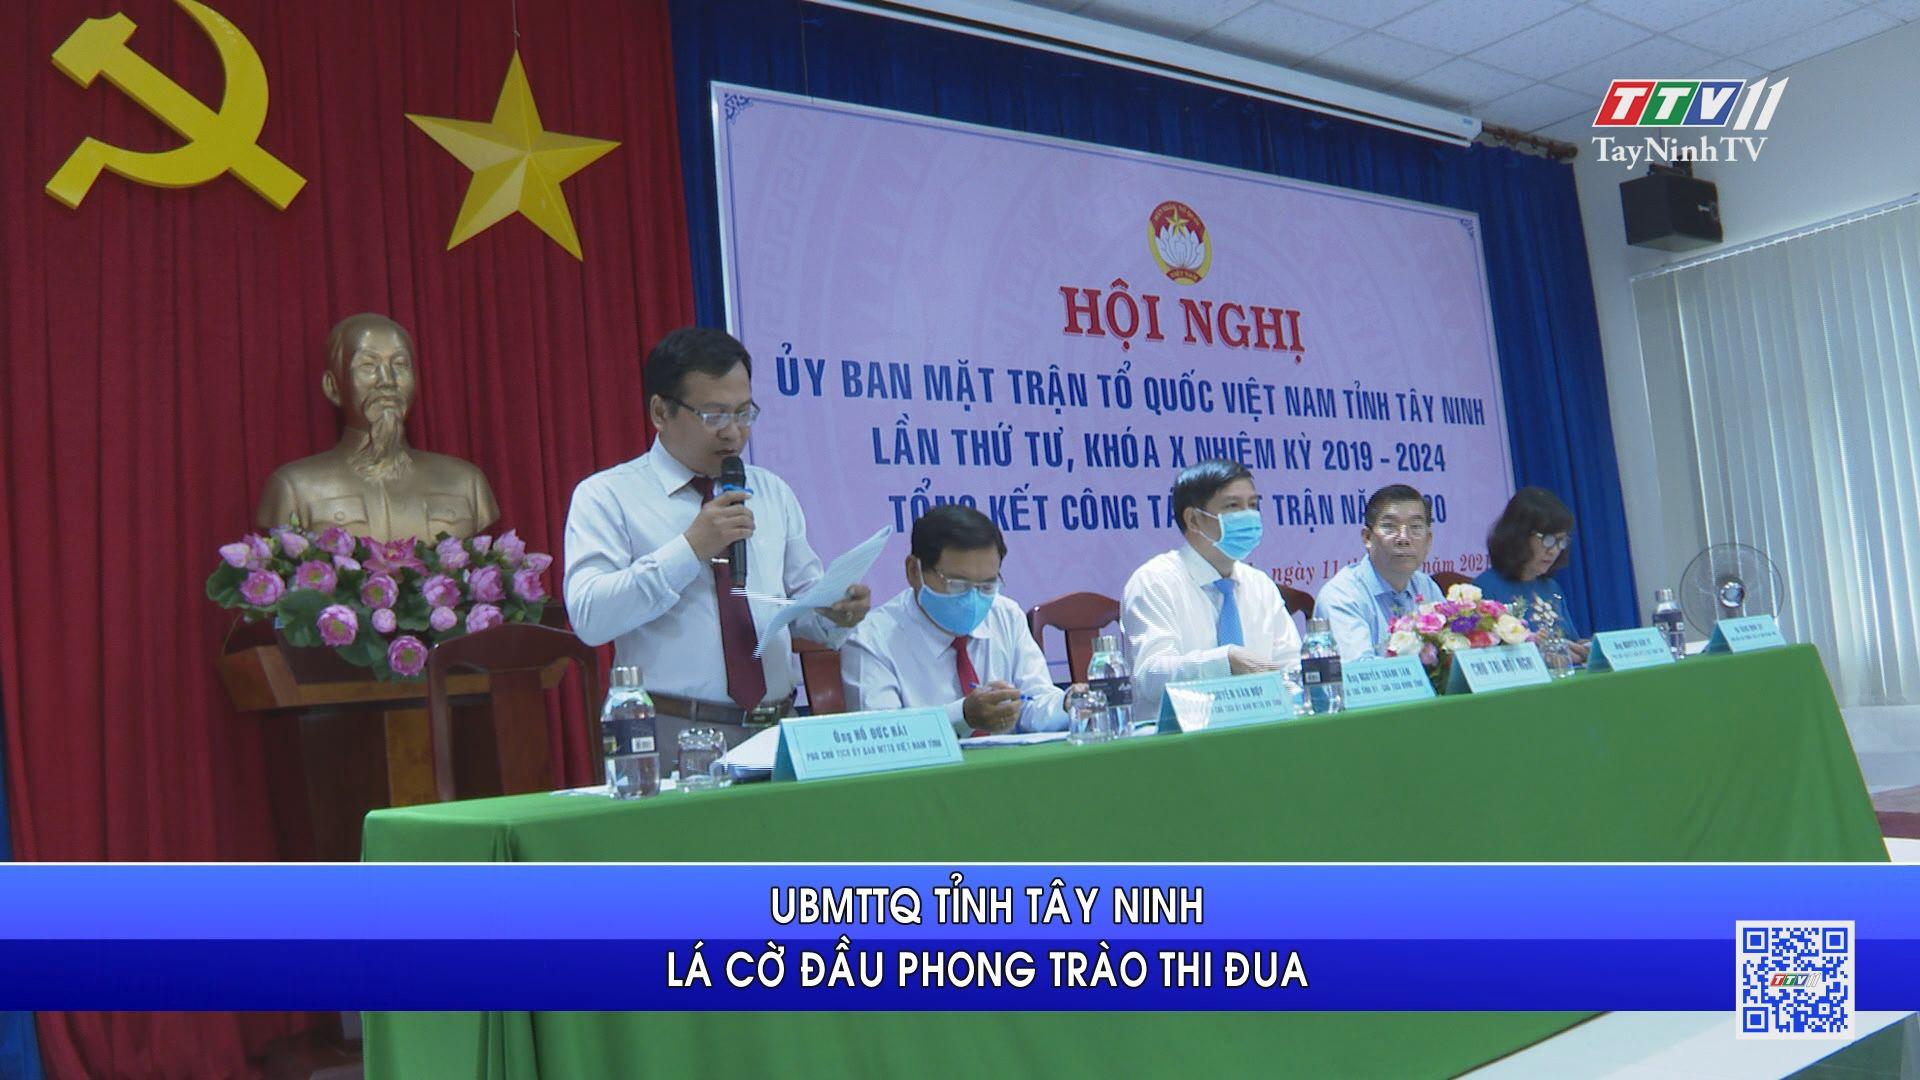 UBMTTQ tỉnh Tây Ninh lá cờ đầu phong trào thi đua | ĐẠI ĐOÀN KẾT TOÀN DÂN | TayNinhTV